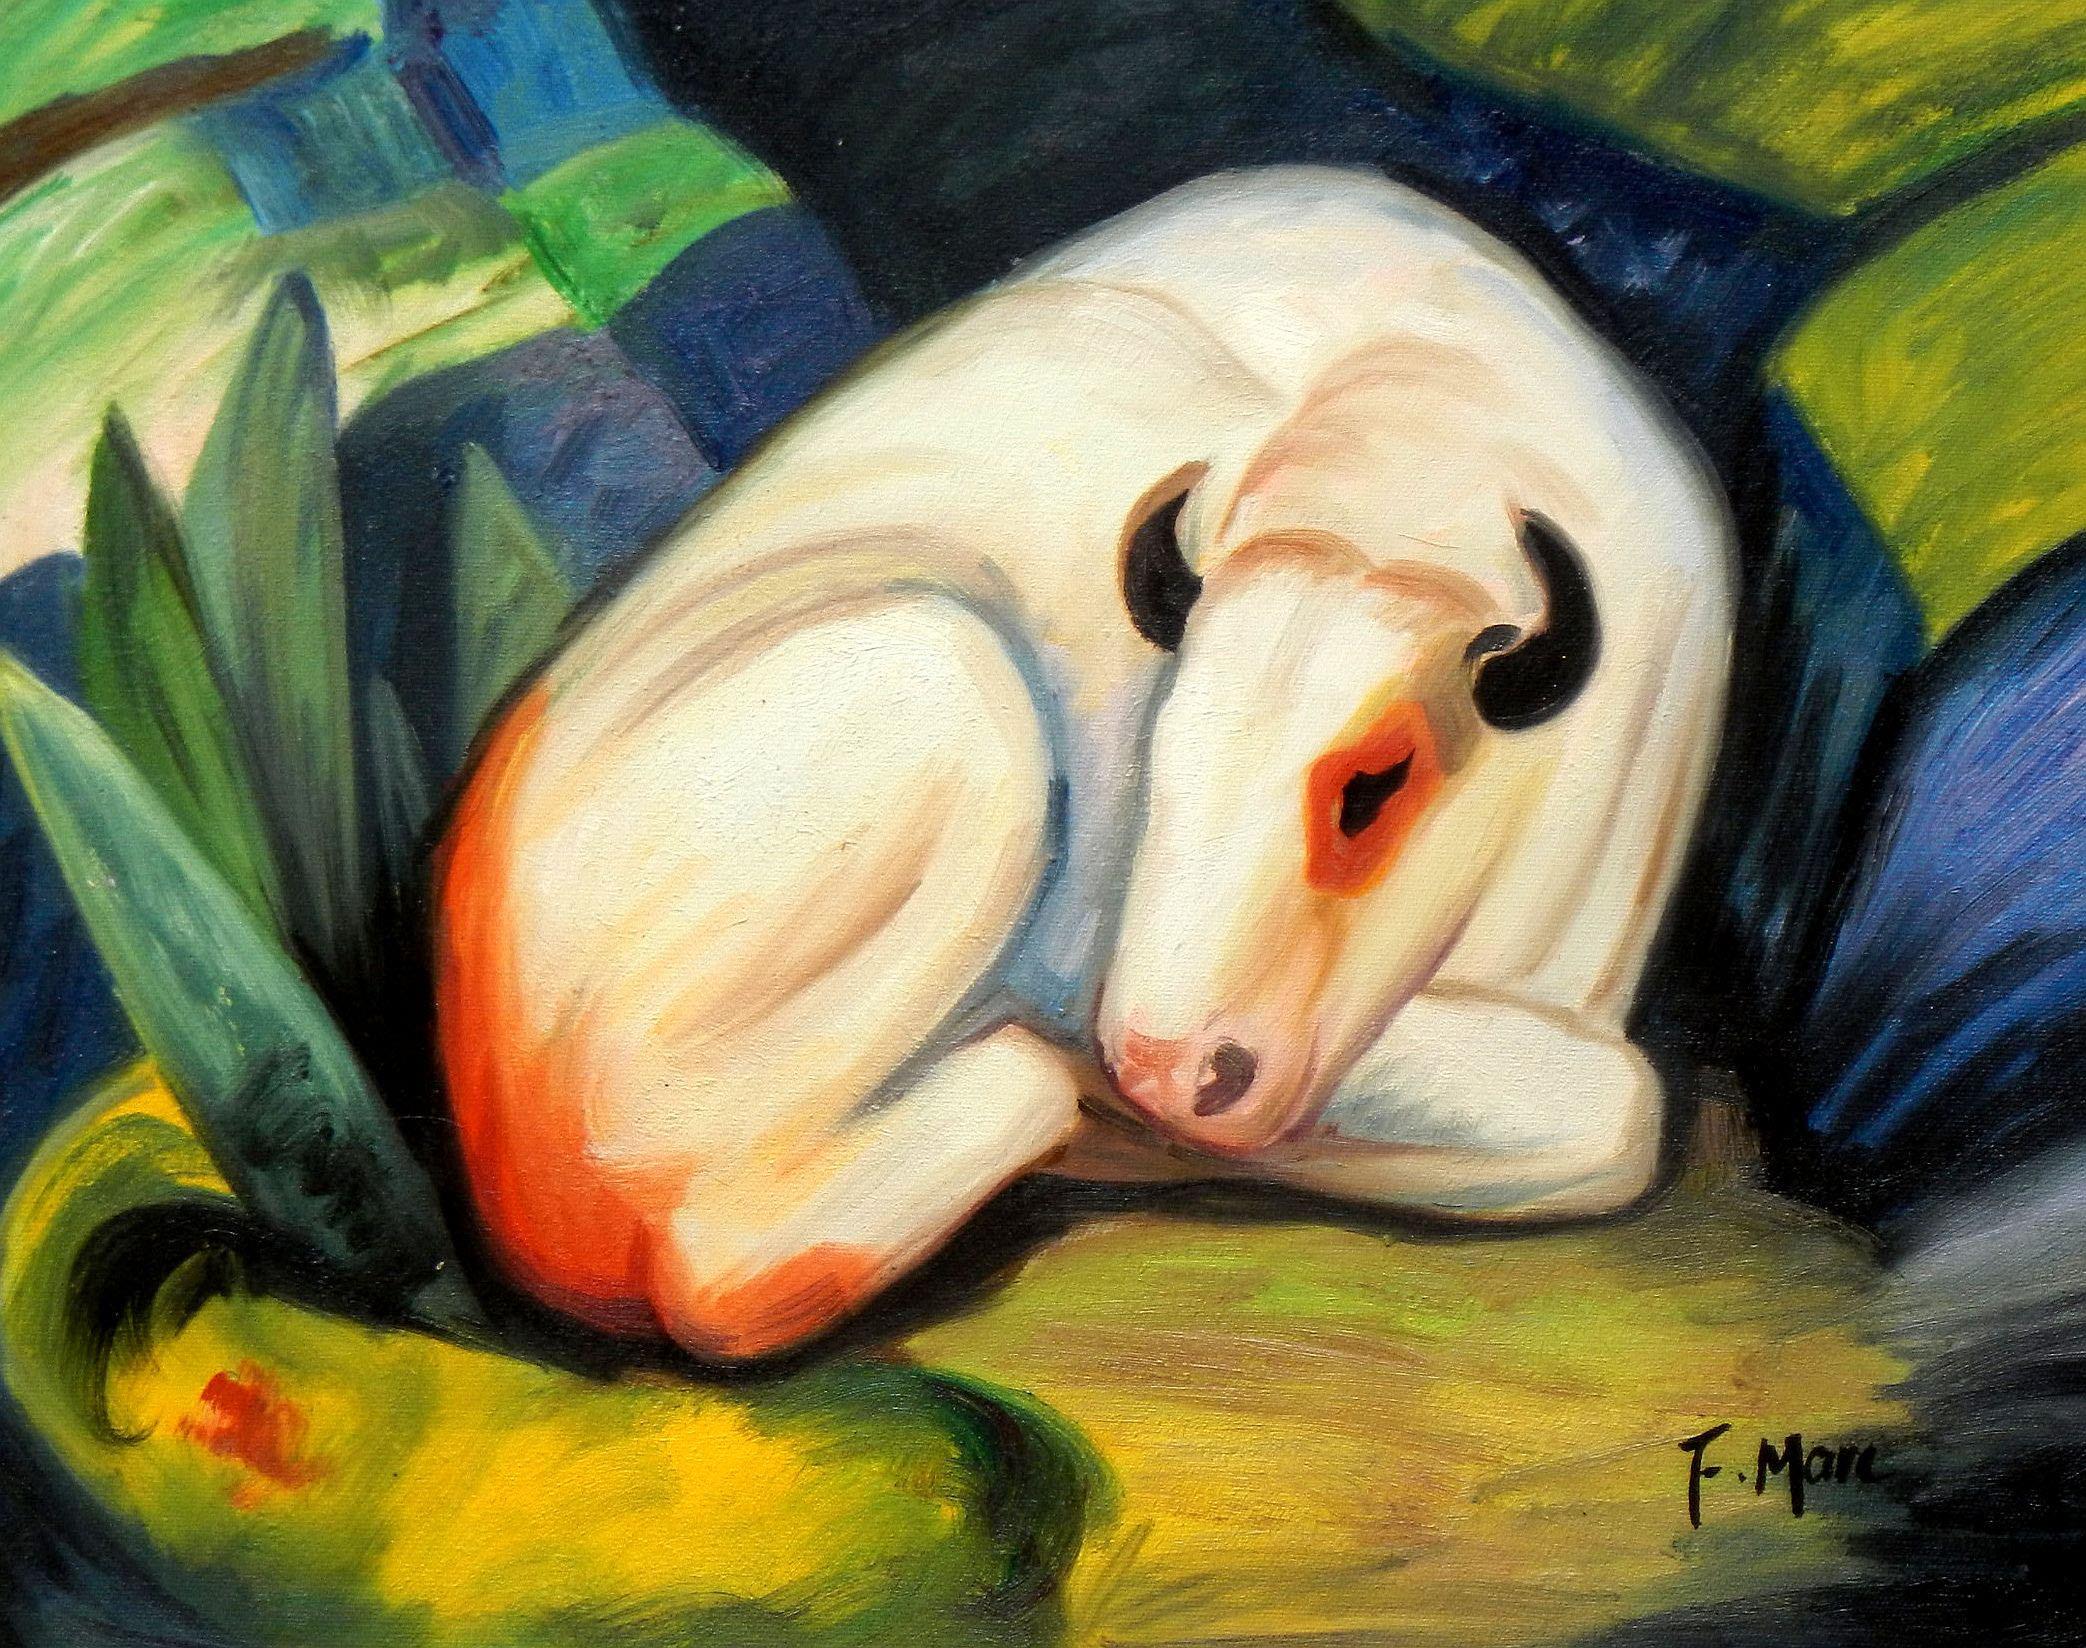 Franz Marc - Der weiße Bulle a93224 30x40cm Expressionismus Ölgemälde